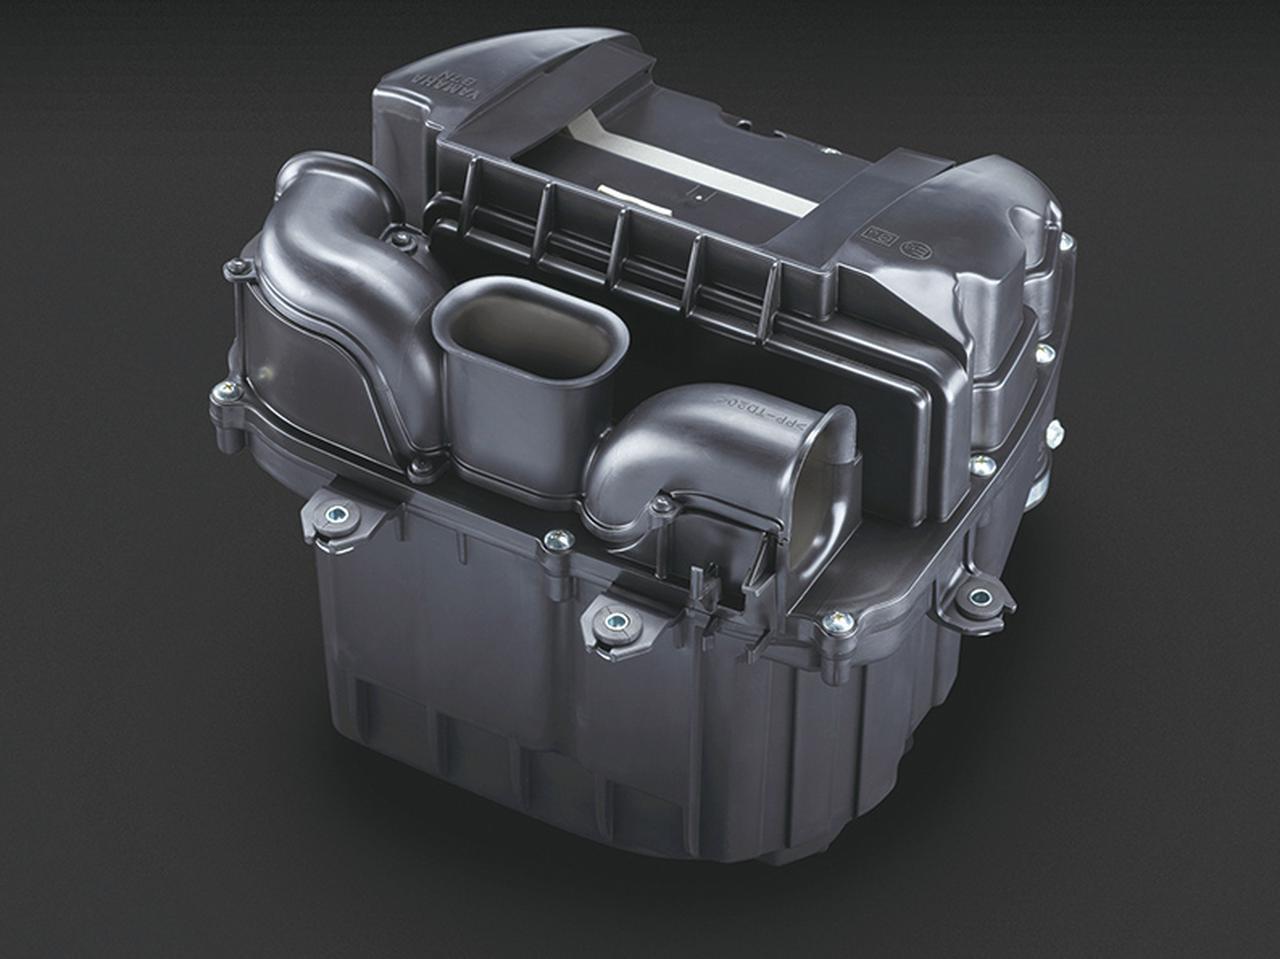 画像: エアクリーナーボックスの長さの異なる3つの吸気ダクトが共鳴、爽快な加速感を演出する心地よい吸気音が得られるようになっている。